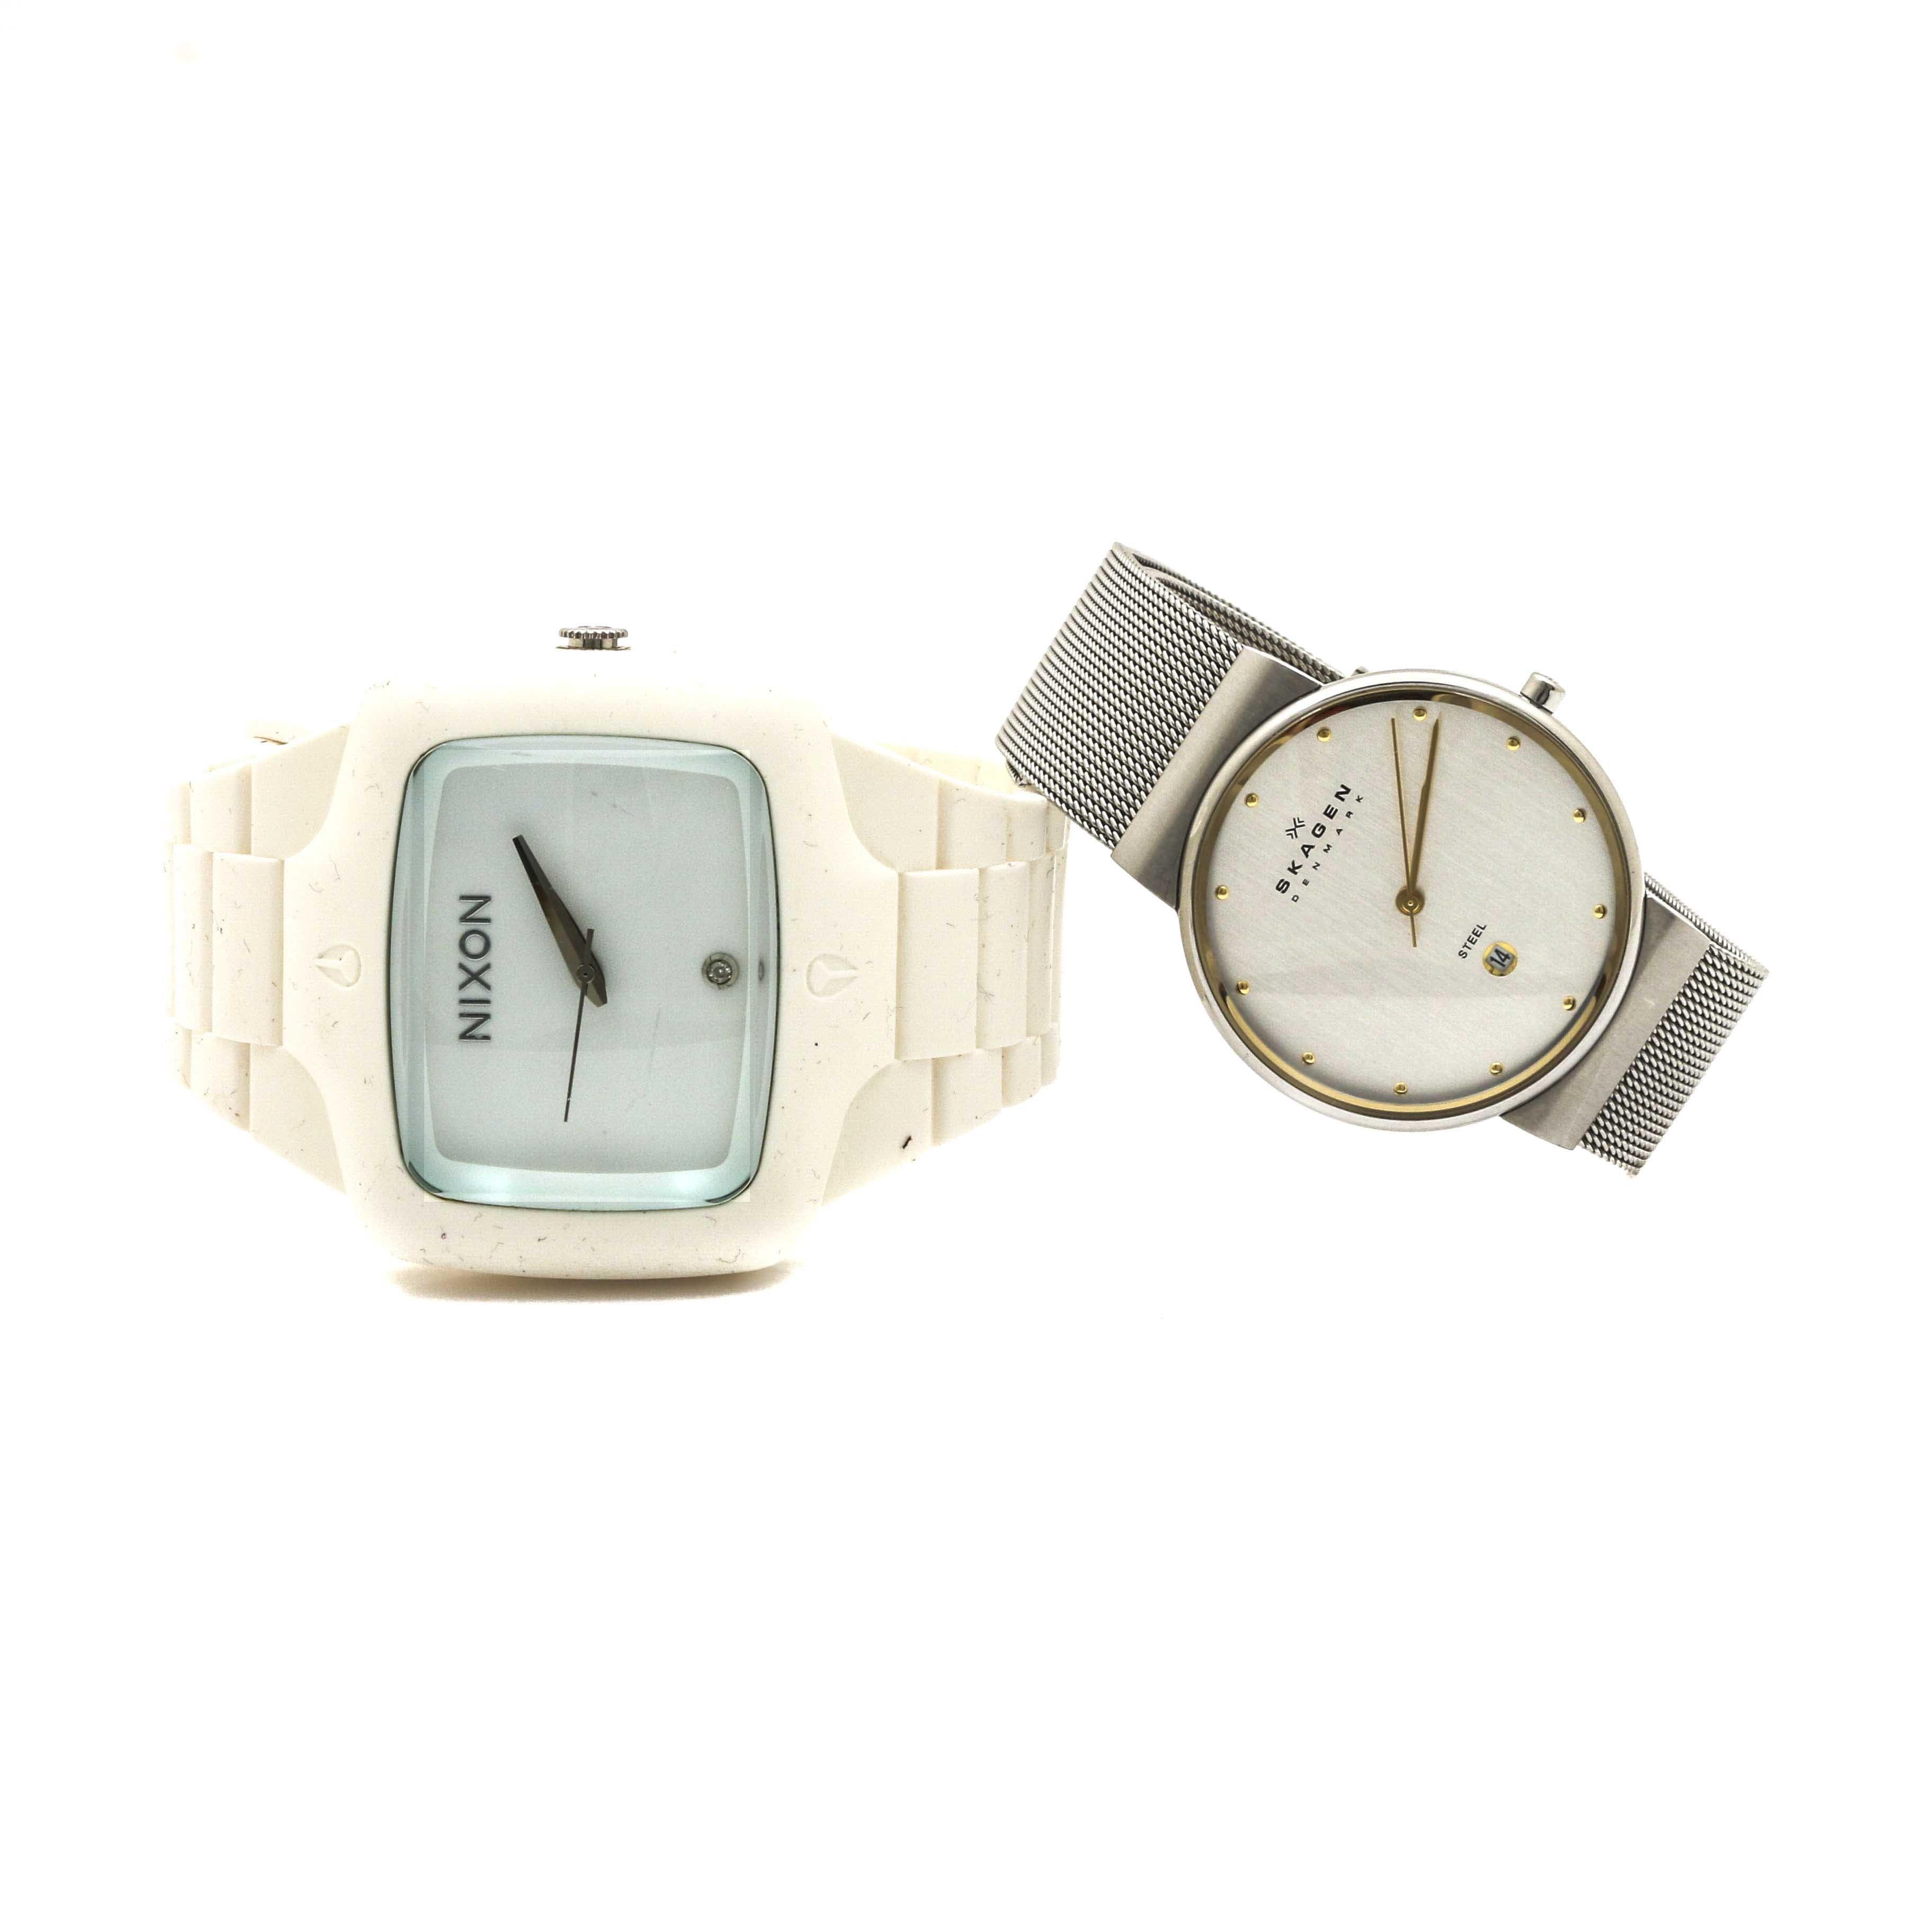 Skagen and Nixon Stainless Steel Wristwatches